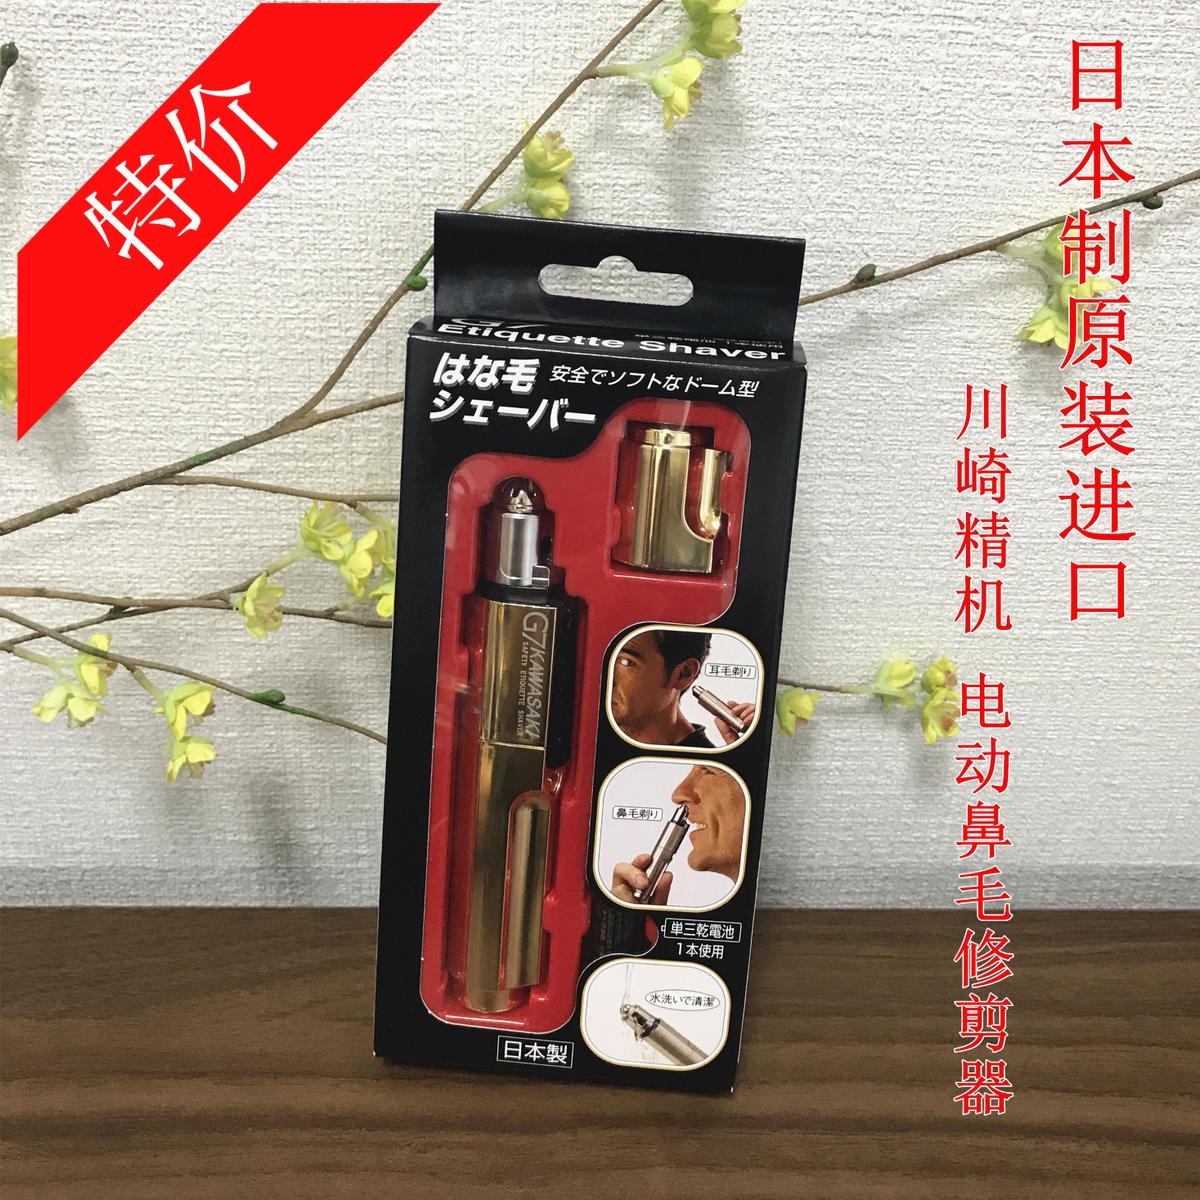 現貨日本製原裝川崎精機電動鼻毛刀修剪器剃毛刀防水可洗半弧